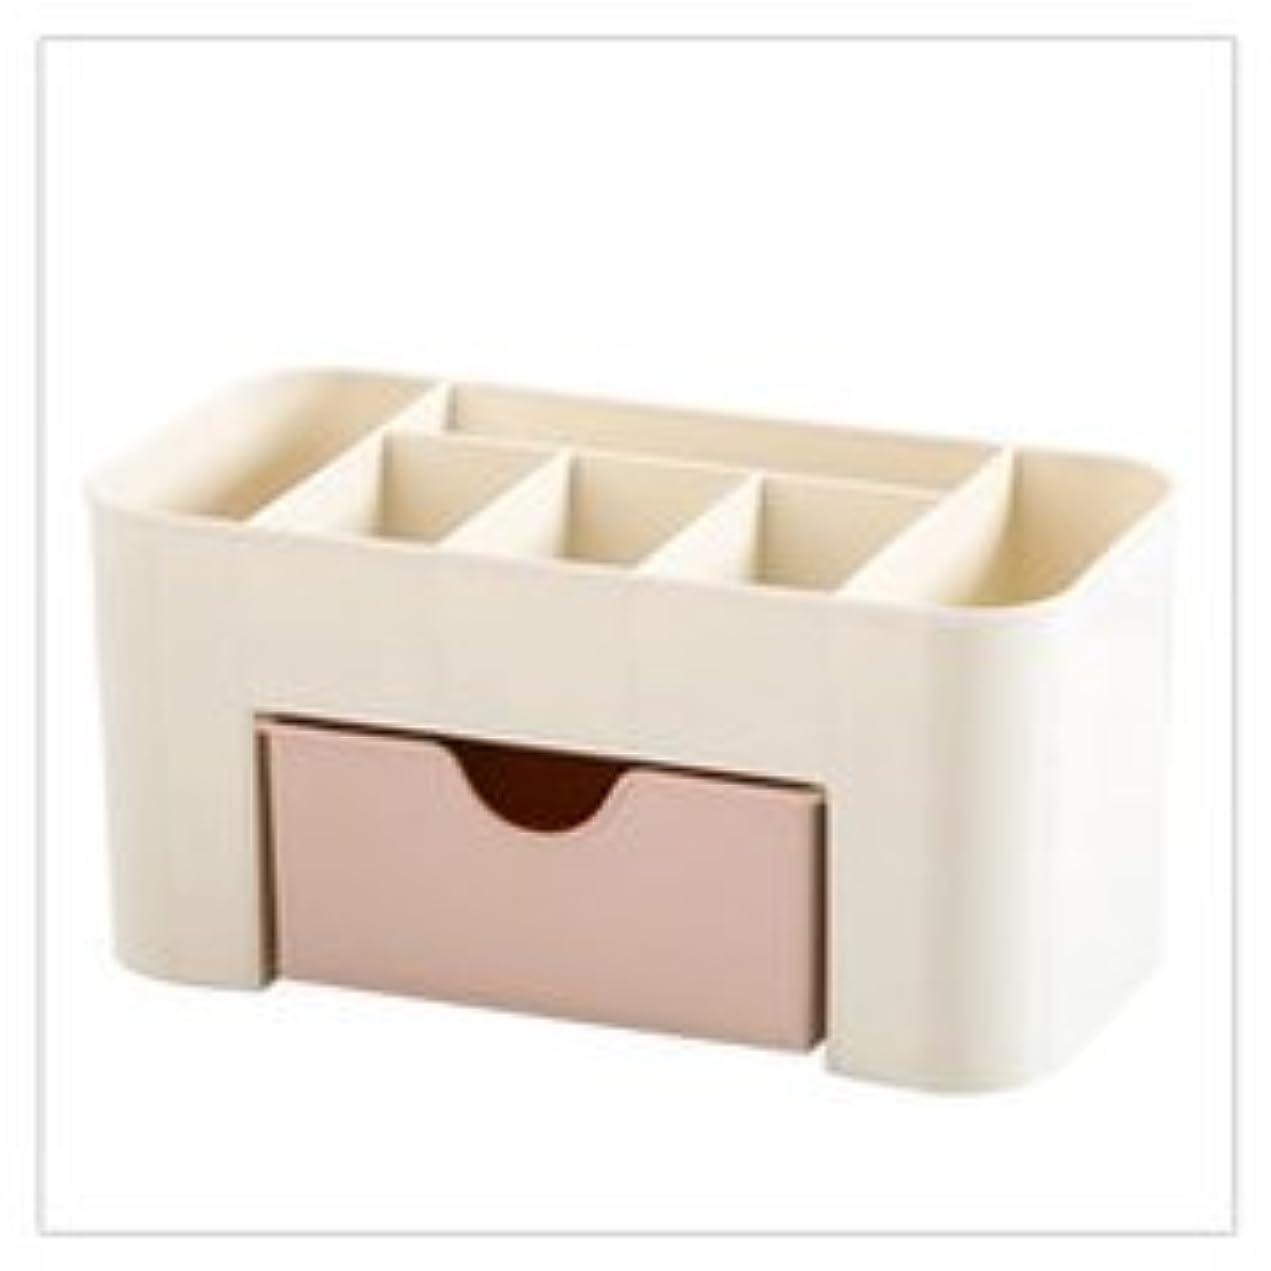 アベニュー模索つらい化粧品収納ボックス化粧品引き出し仕上げボックスデスクトップジュエリースキンケアパックフレームドレッサー (Color : ピンク)